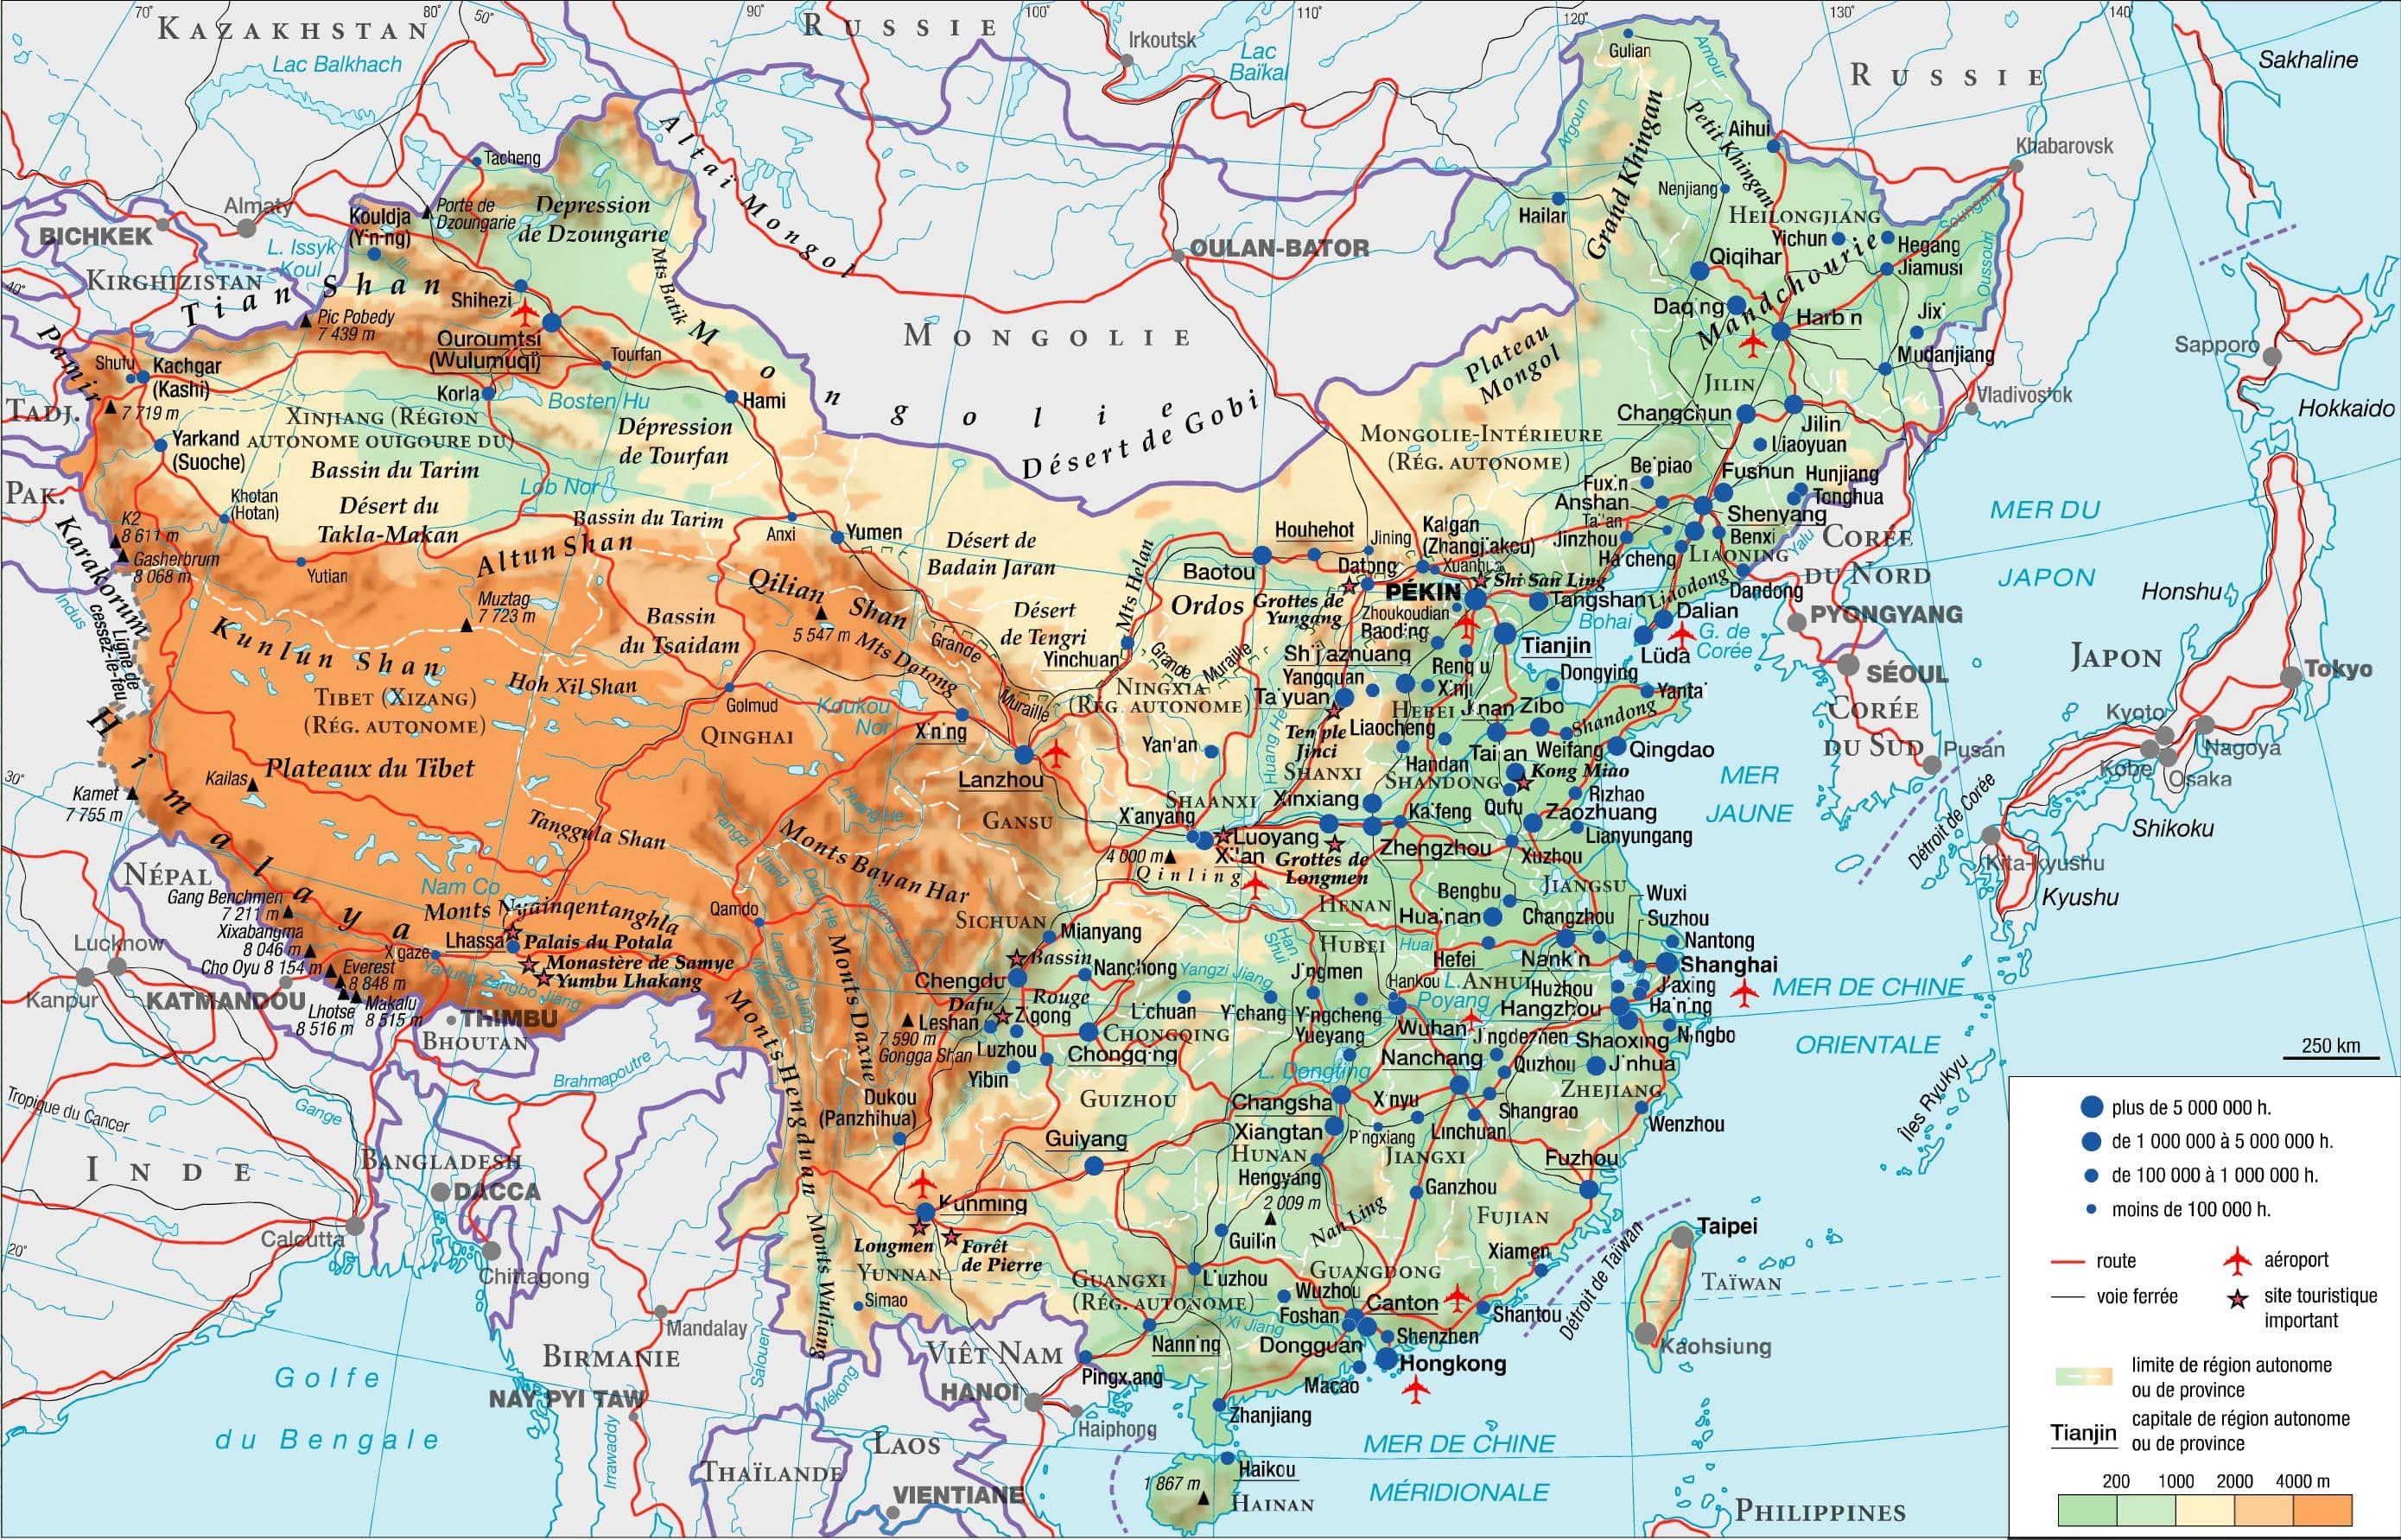 Carte Chine Mongolie.Carte Mongolie Chine Trouver Des Idees Pour Voyager En Asie